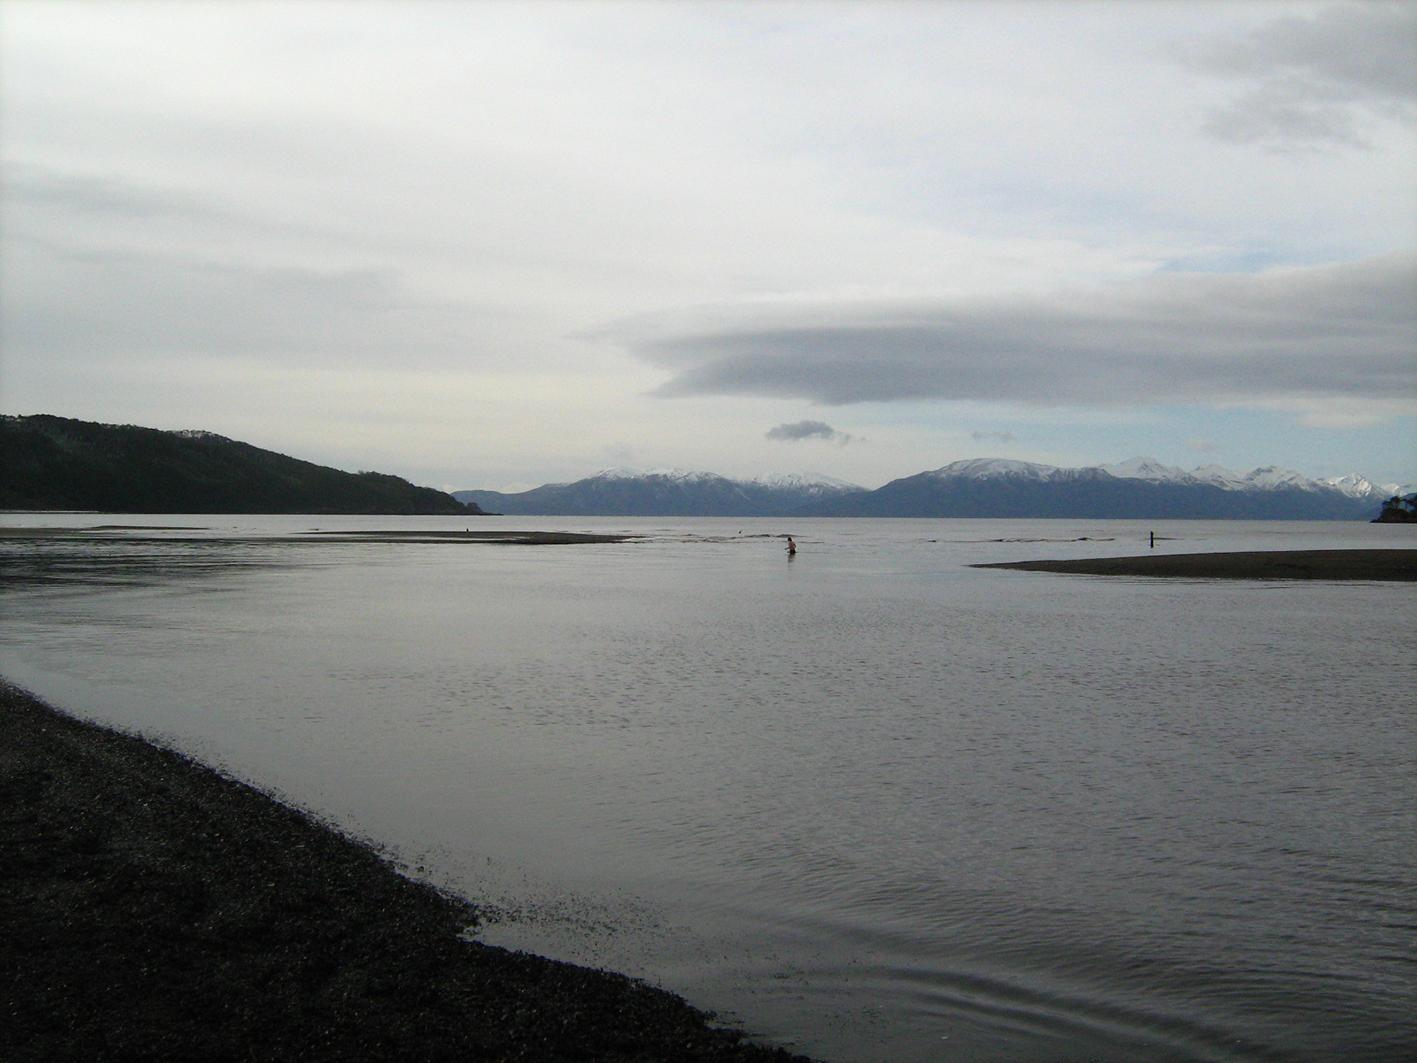 Cruzando el Rio San Nicolas